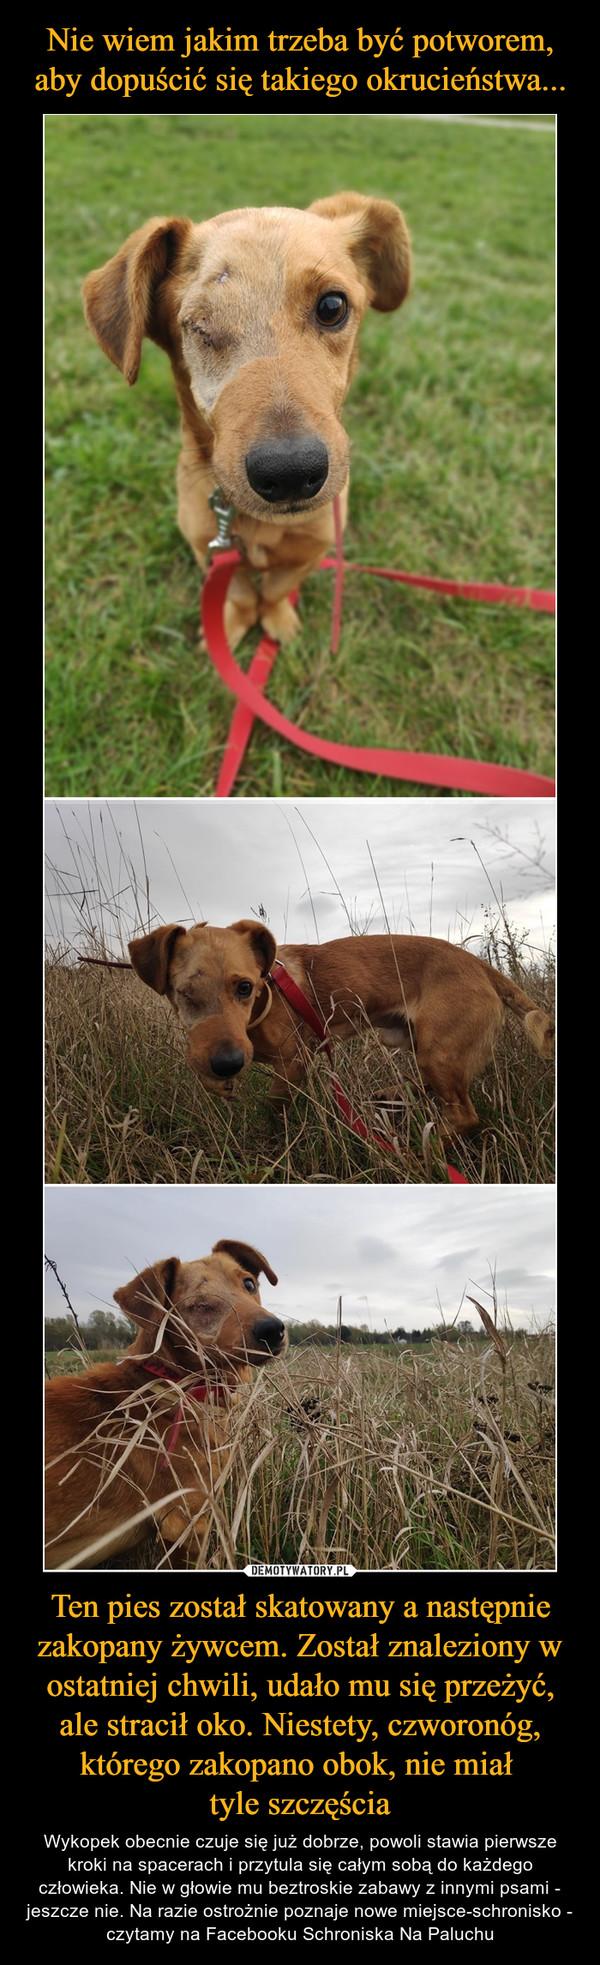 Ten pies został skatowany a następnie zakopany żywcem. Został znaleziony w ostatniej chwili, udało mu się przeżyć, ale stracił oko. Niestety, czworonóg, którego zakopano obok, nie miał tyle szczęścia – Wykopek obecnie czuje się już dobrze, powoli stawia pierwsze kroki na spacerach i przytula się całym sobą do każdego człowieka. Nie w głowie mu beztroskie zabawy z innymi psami - jeszcze nie. Na razie ostrożnie poznaje nowe miejsce-schronisko - czytamy na Facebooku Schroniska Na Paluchu